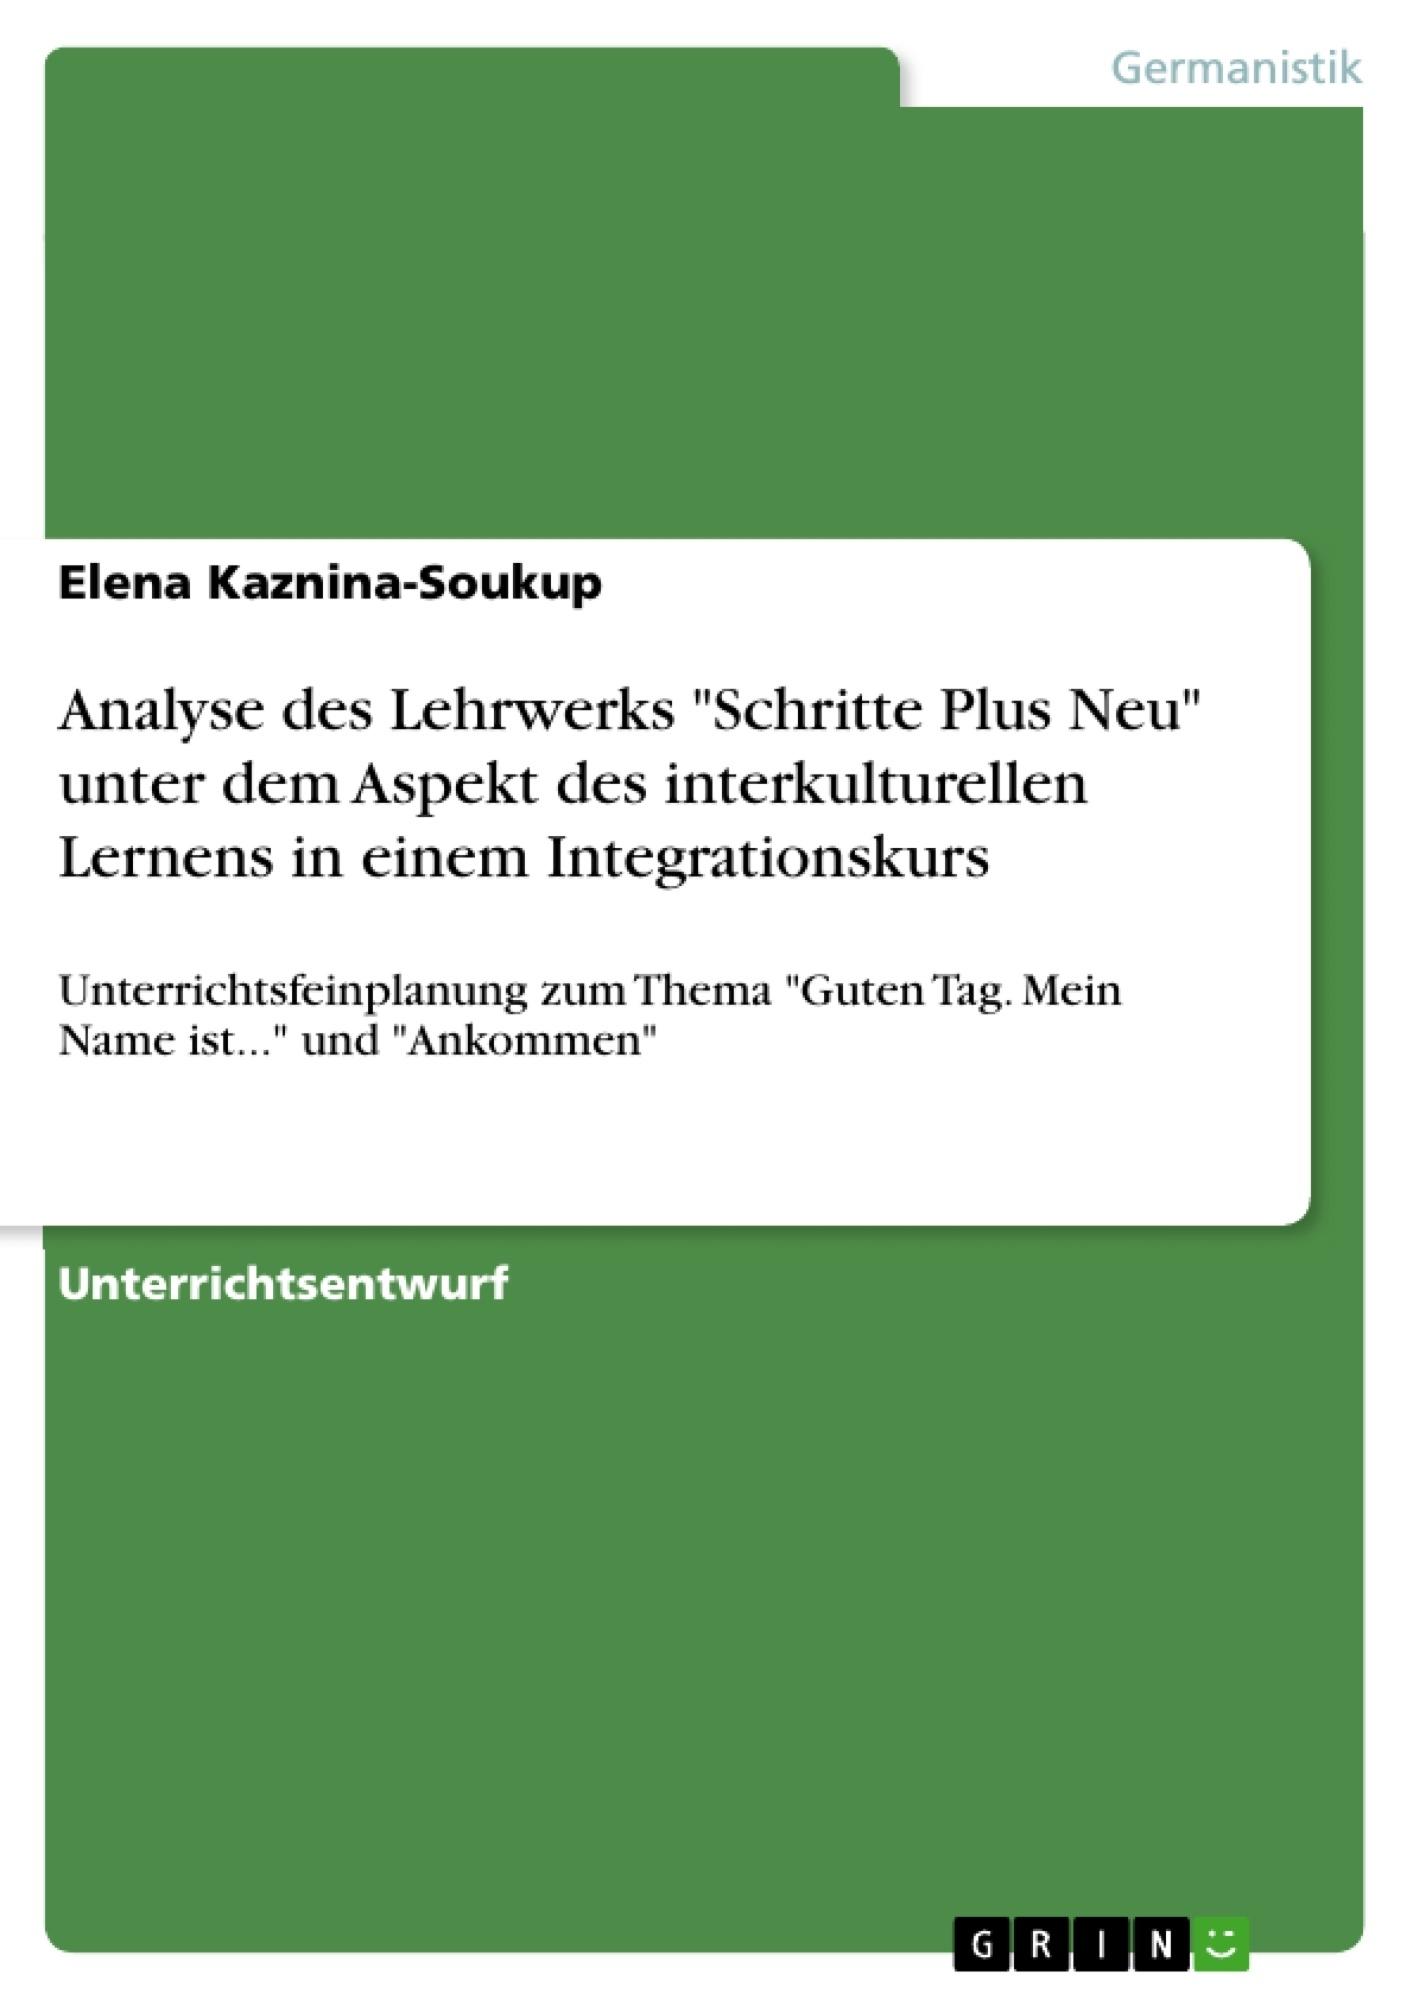 """Titel: Analyse des Lehrwerks """"Schritte Plus Neu"""" unter dem Aspekt des interkulturellen Lernens in einem Integrationskurs"""